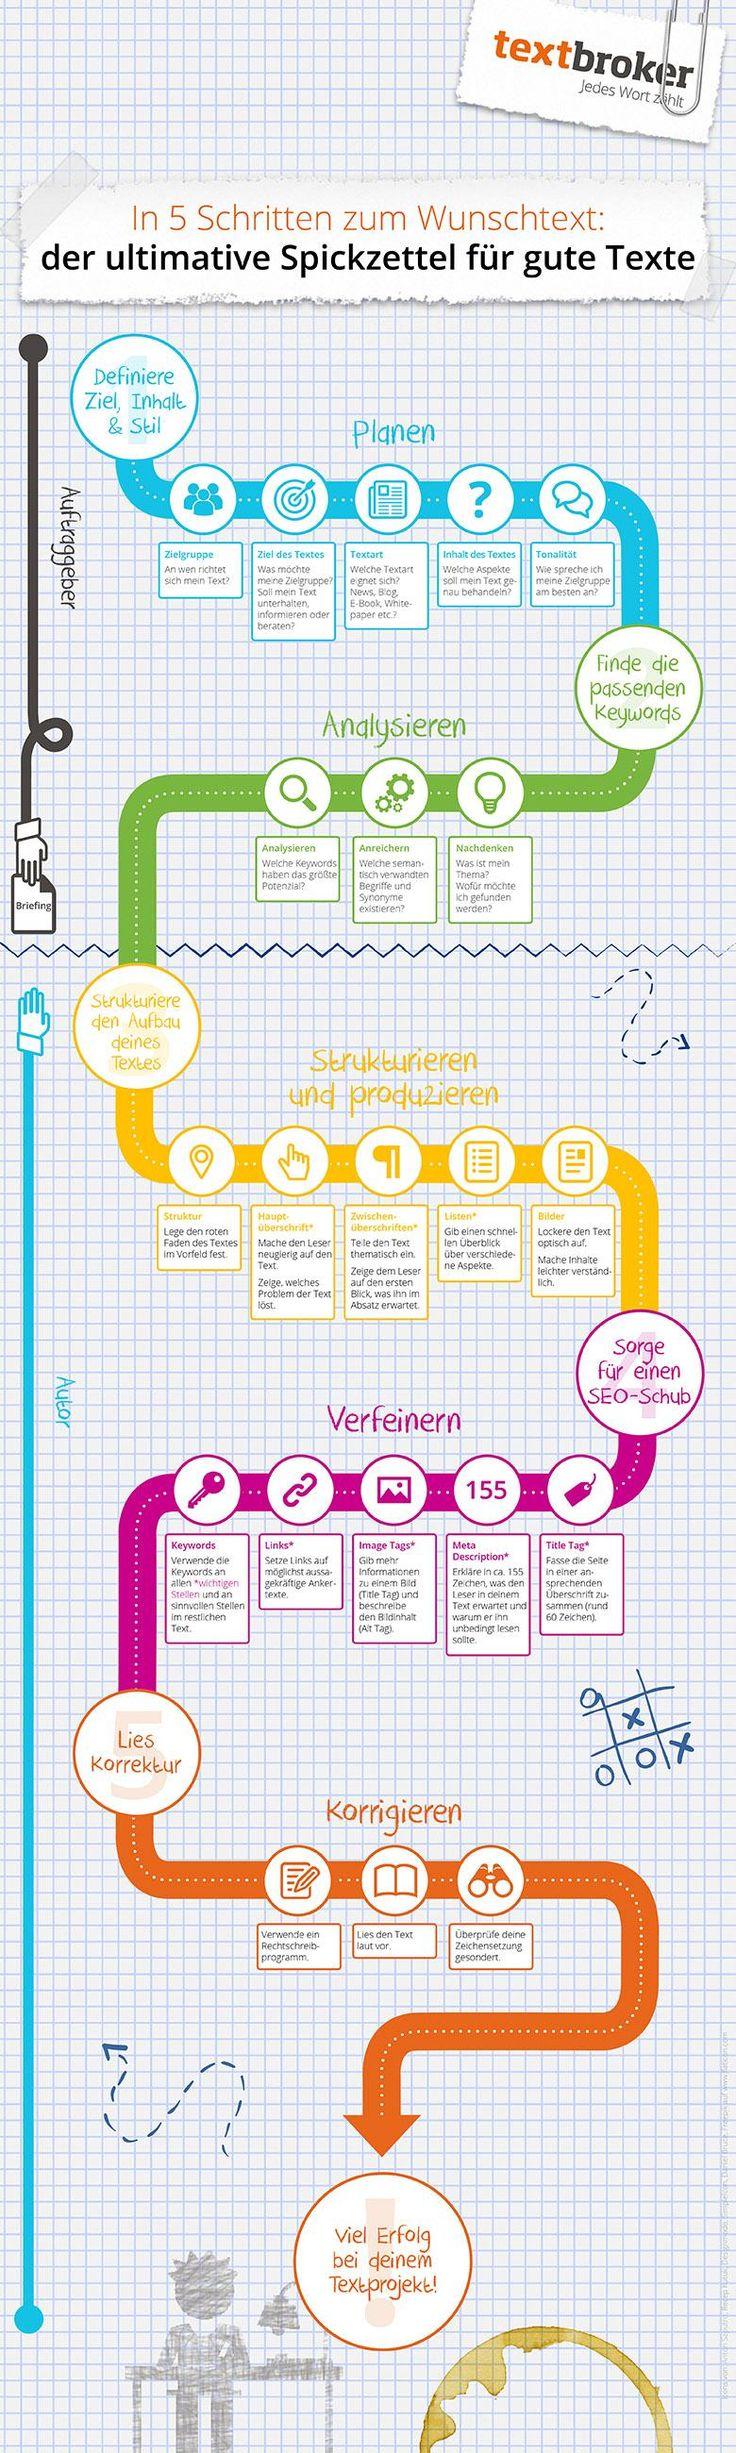 Spickzettel-Infografik zur Erstellung guter Texte  www.textbroker.de…? – Florian Bützler